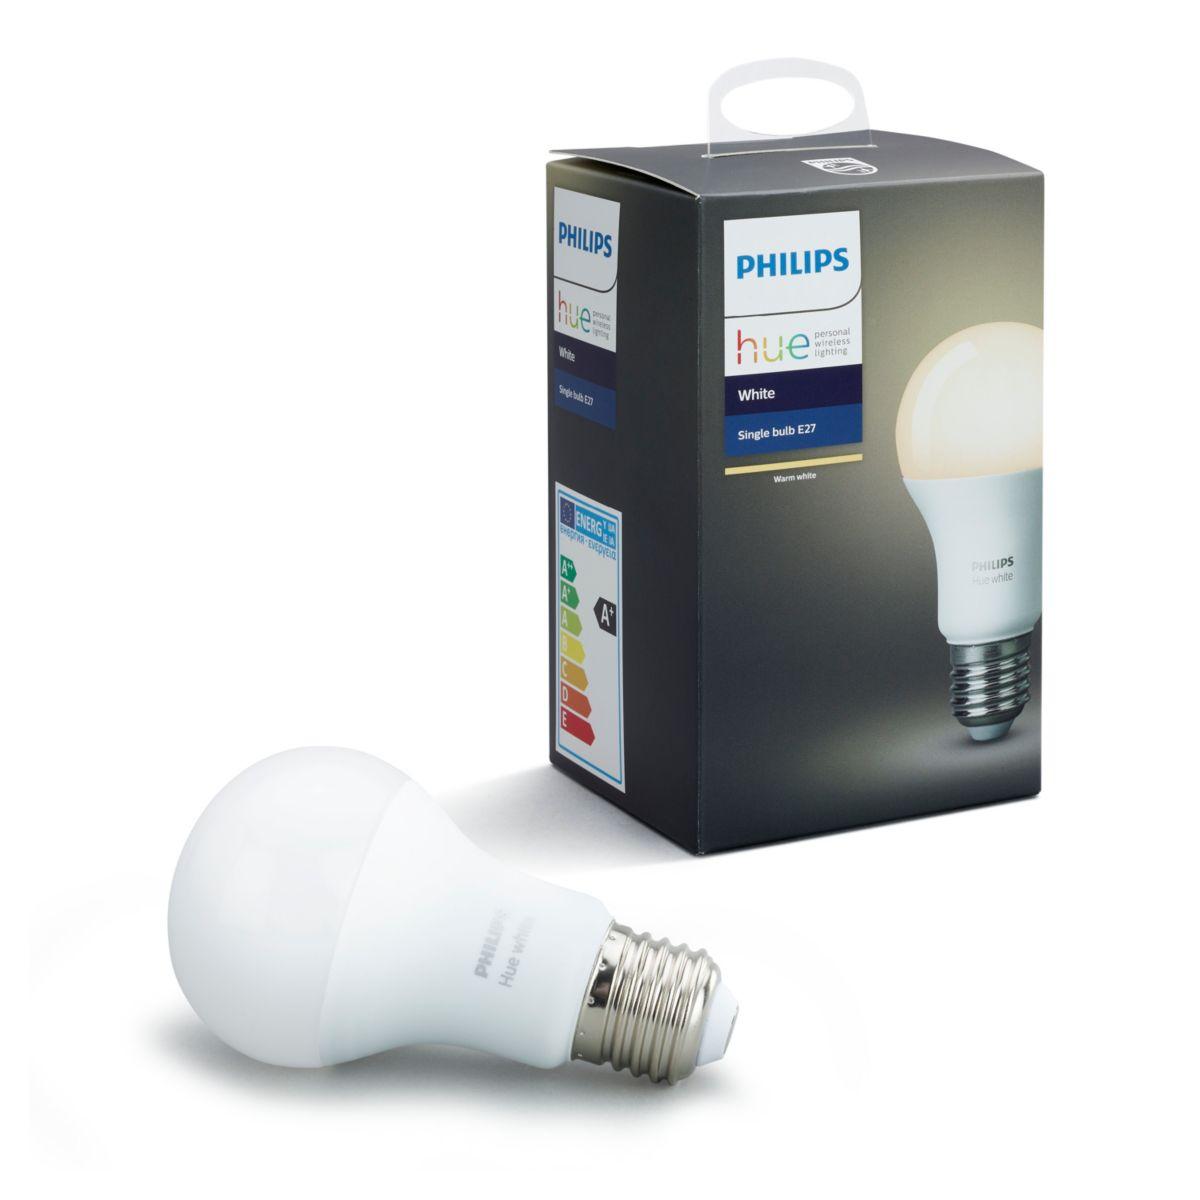 Philips Hue - 3 für 2 Aktion auf ausgewählte Produkte